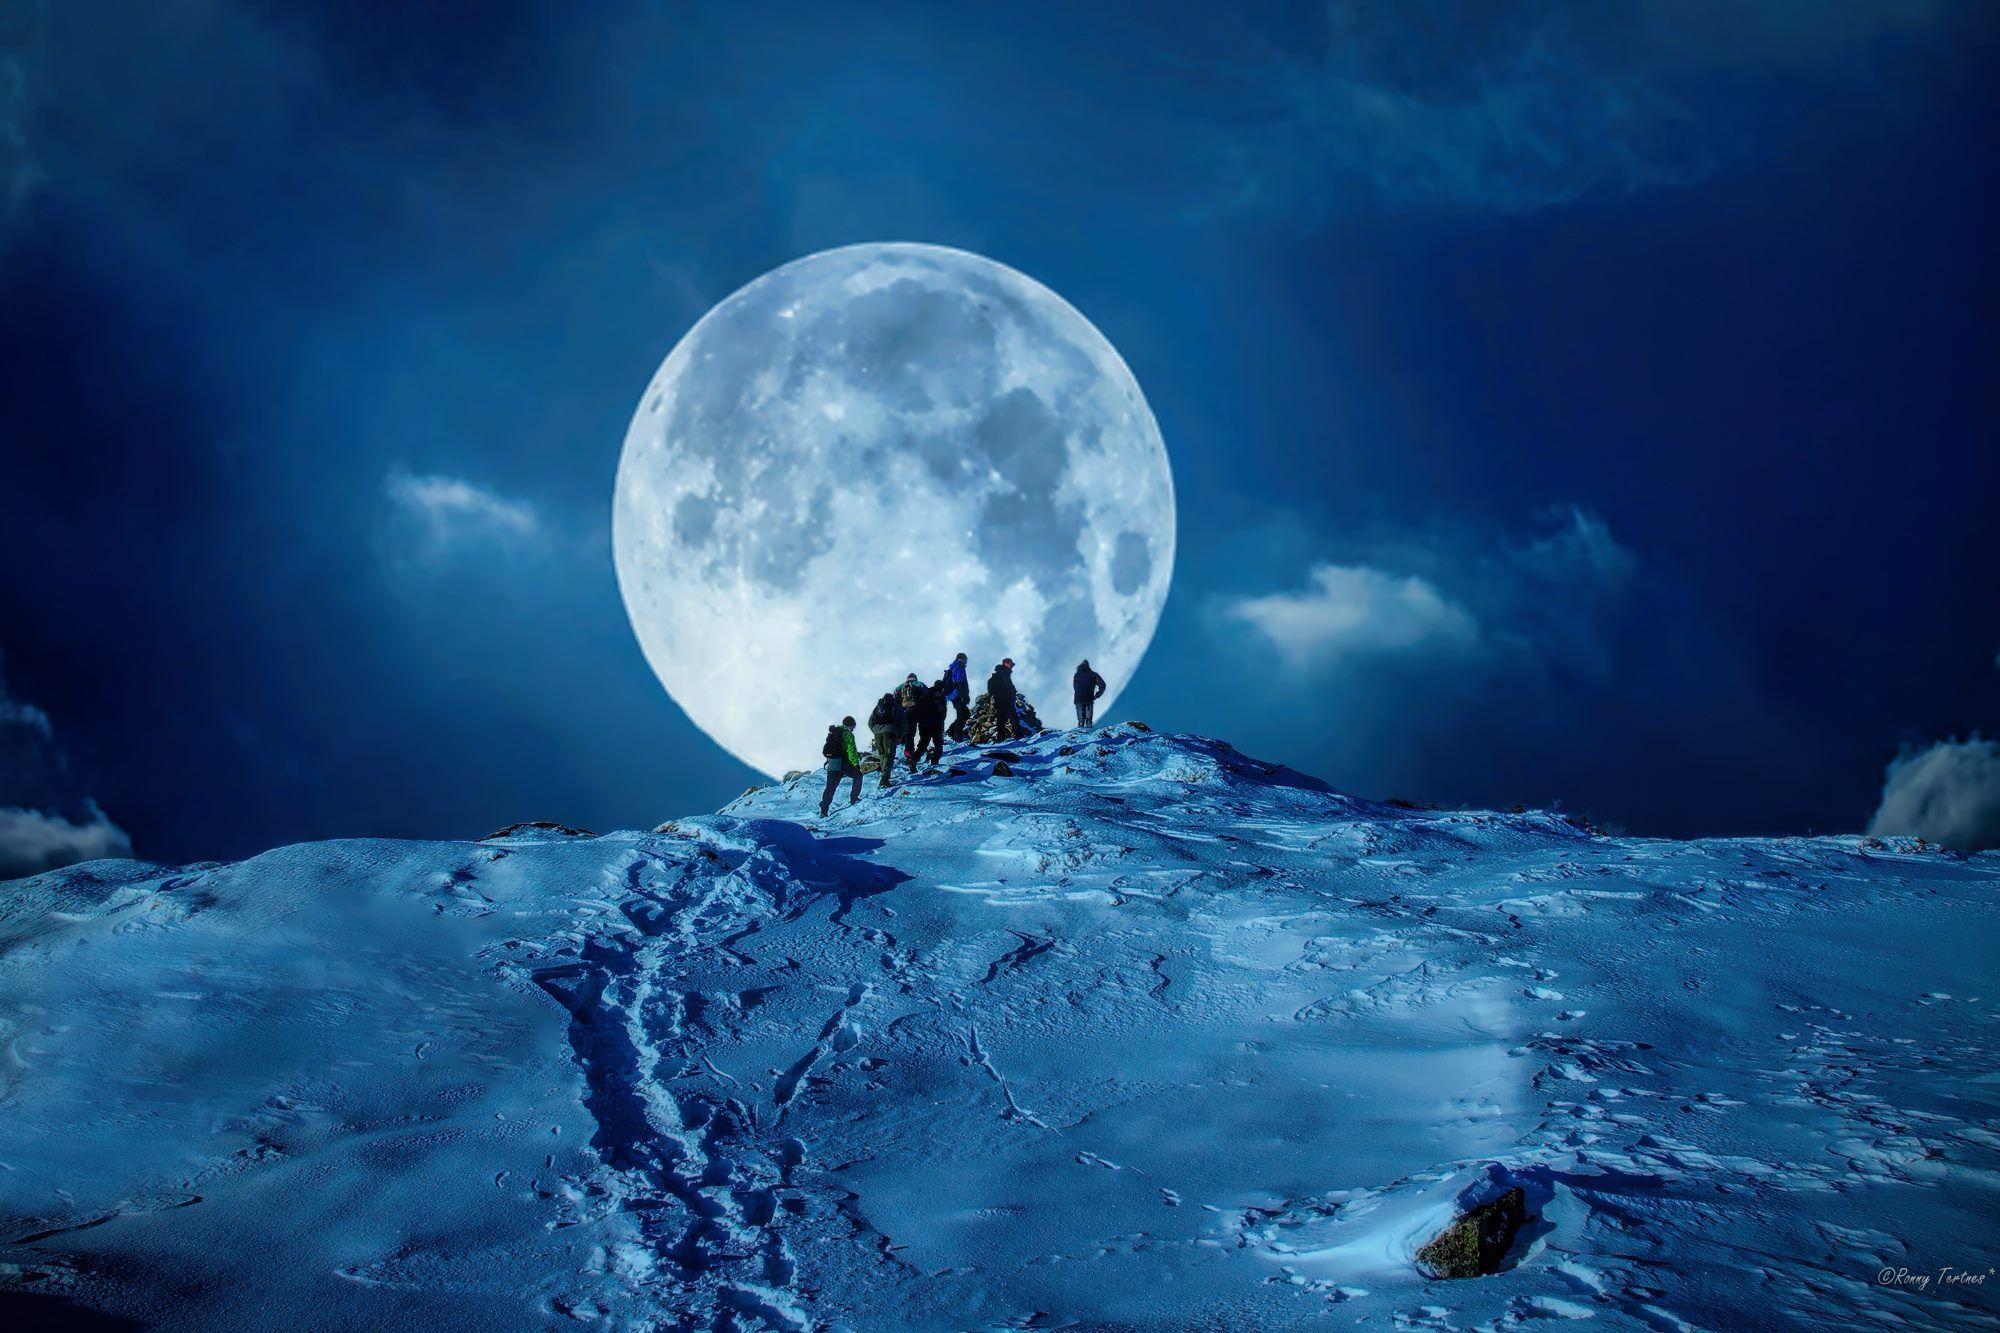 Луна зима картинка